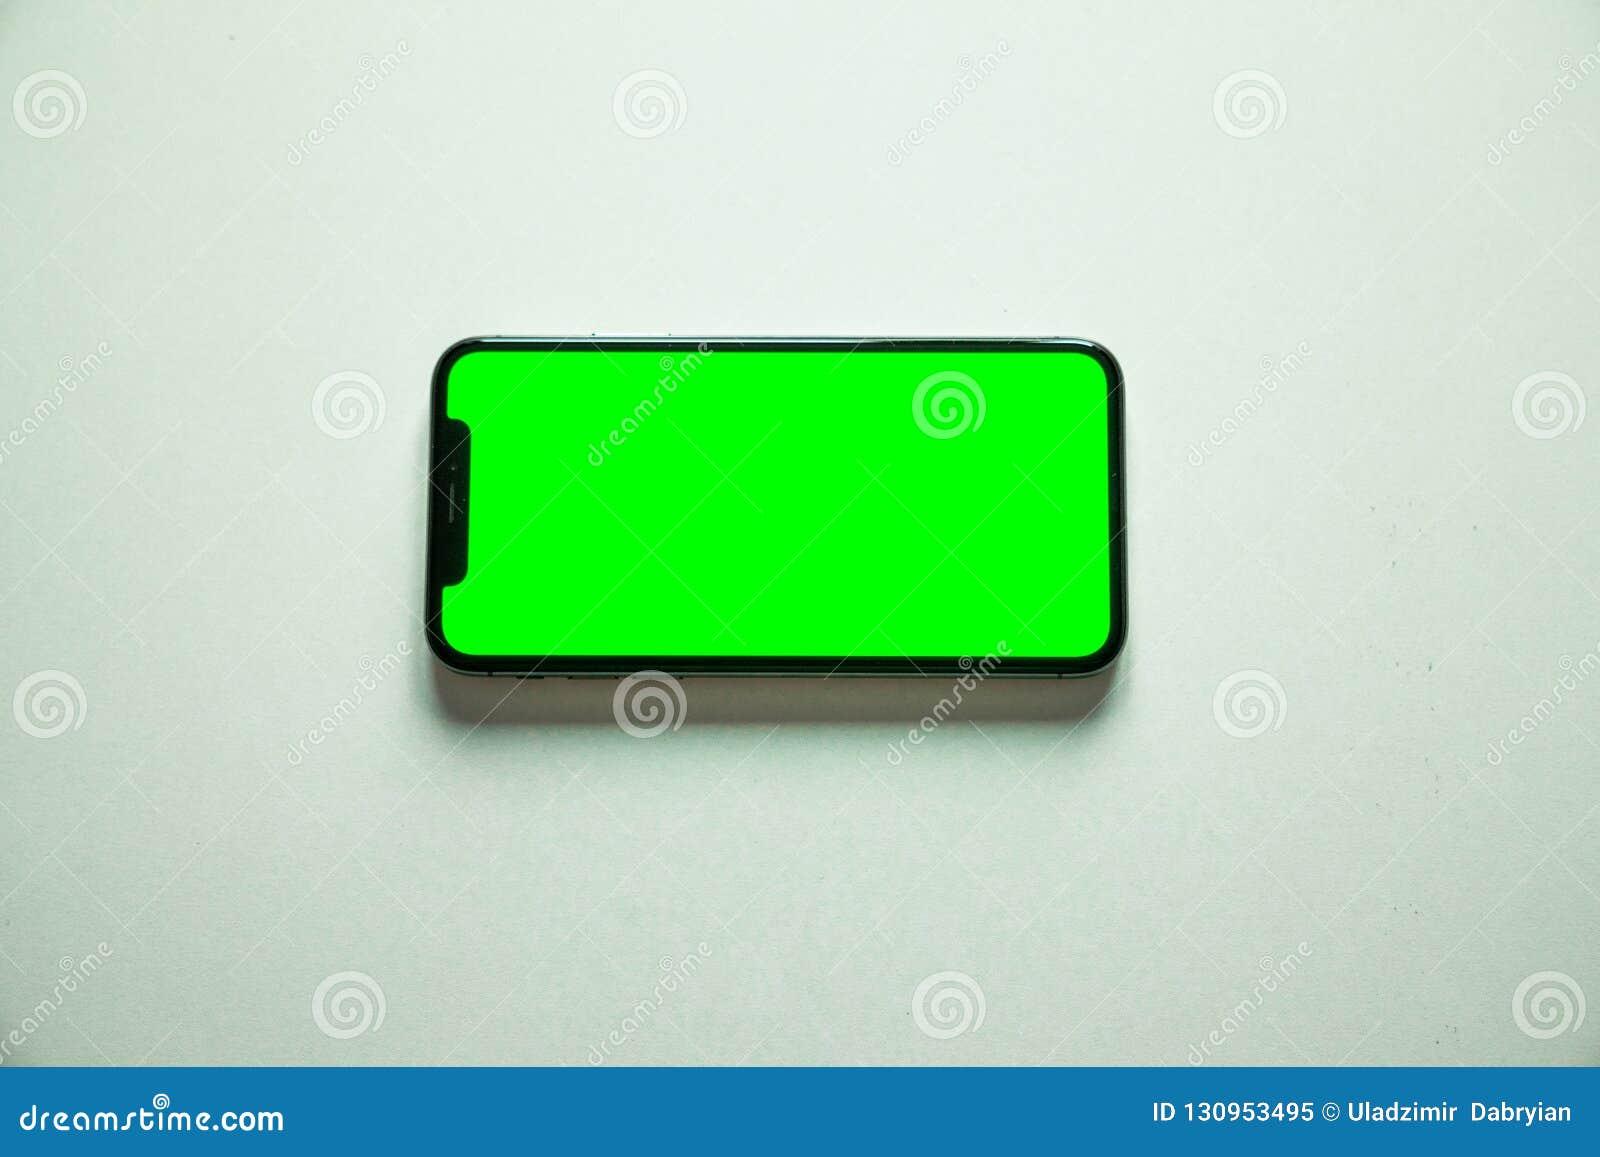 Iphone X Ecran Vert Sur Le Fond Blanc Image Stock Image Du Vide